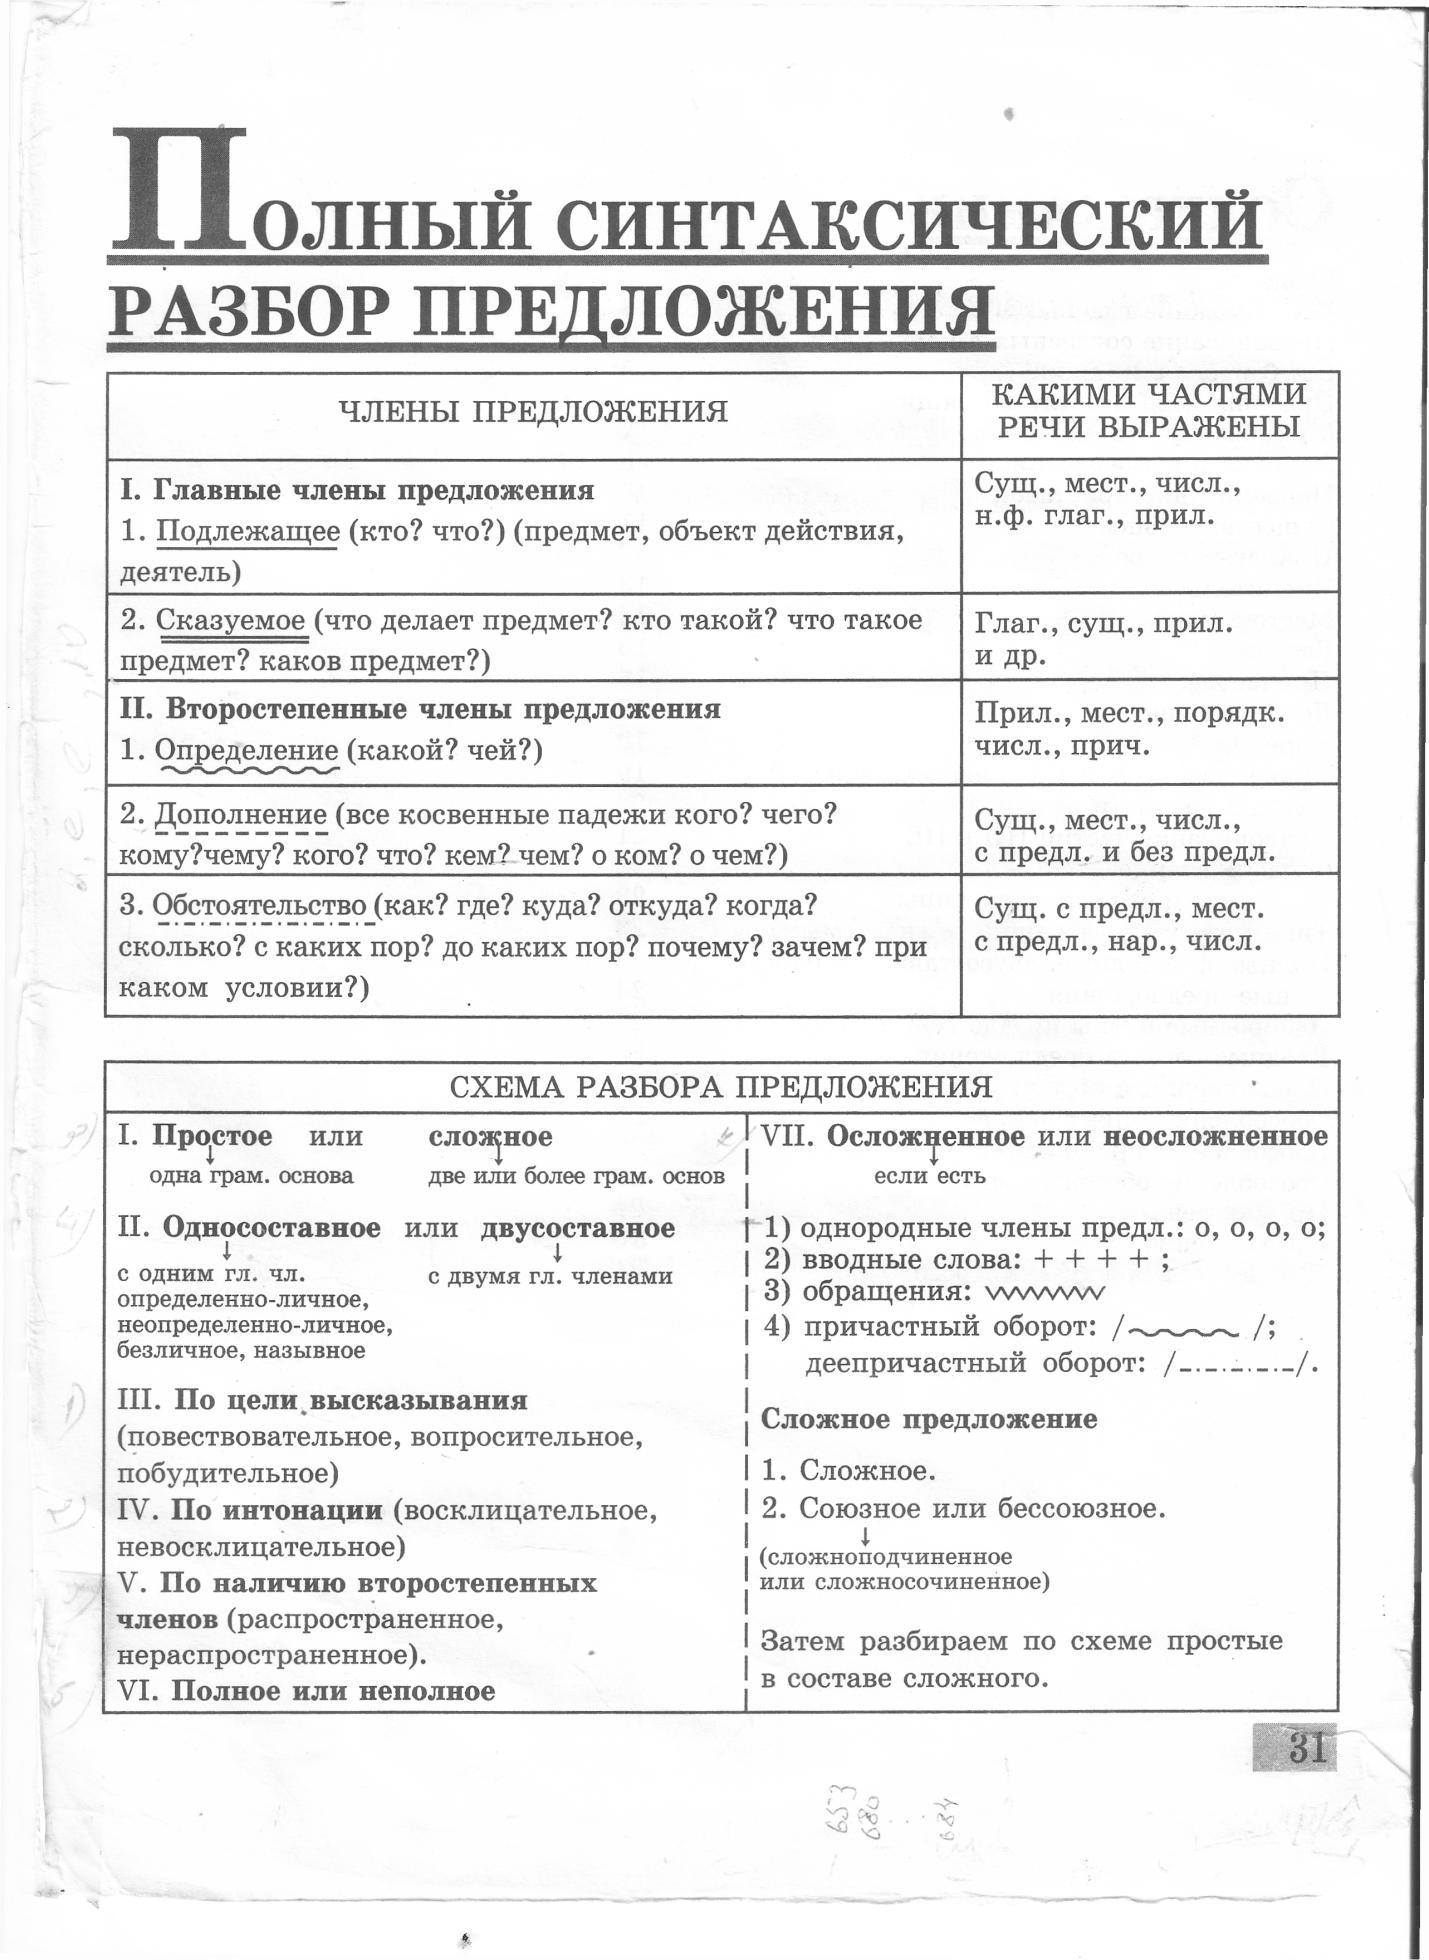 C:\Users\user\Desktop\ТАБЛИЦЫ по русскому языку\5.tif